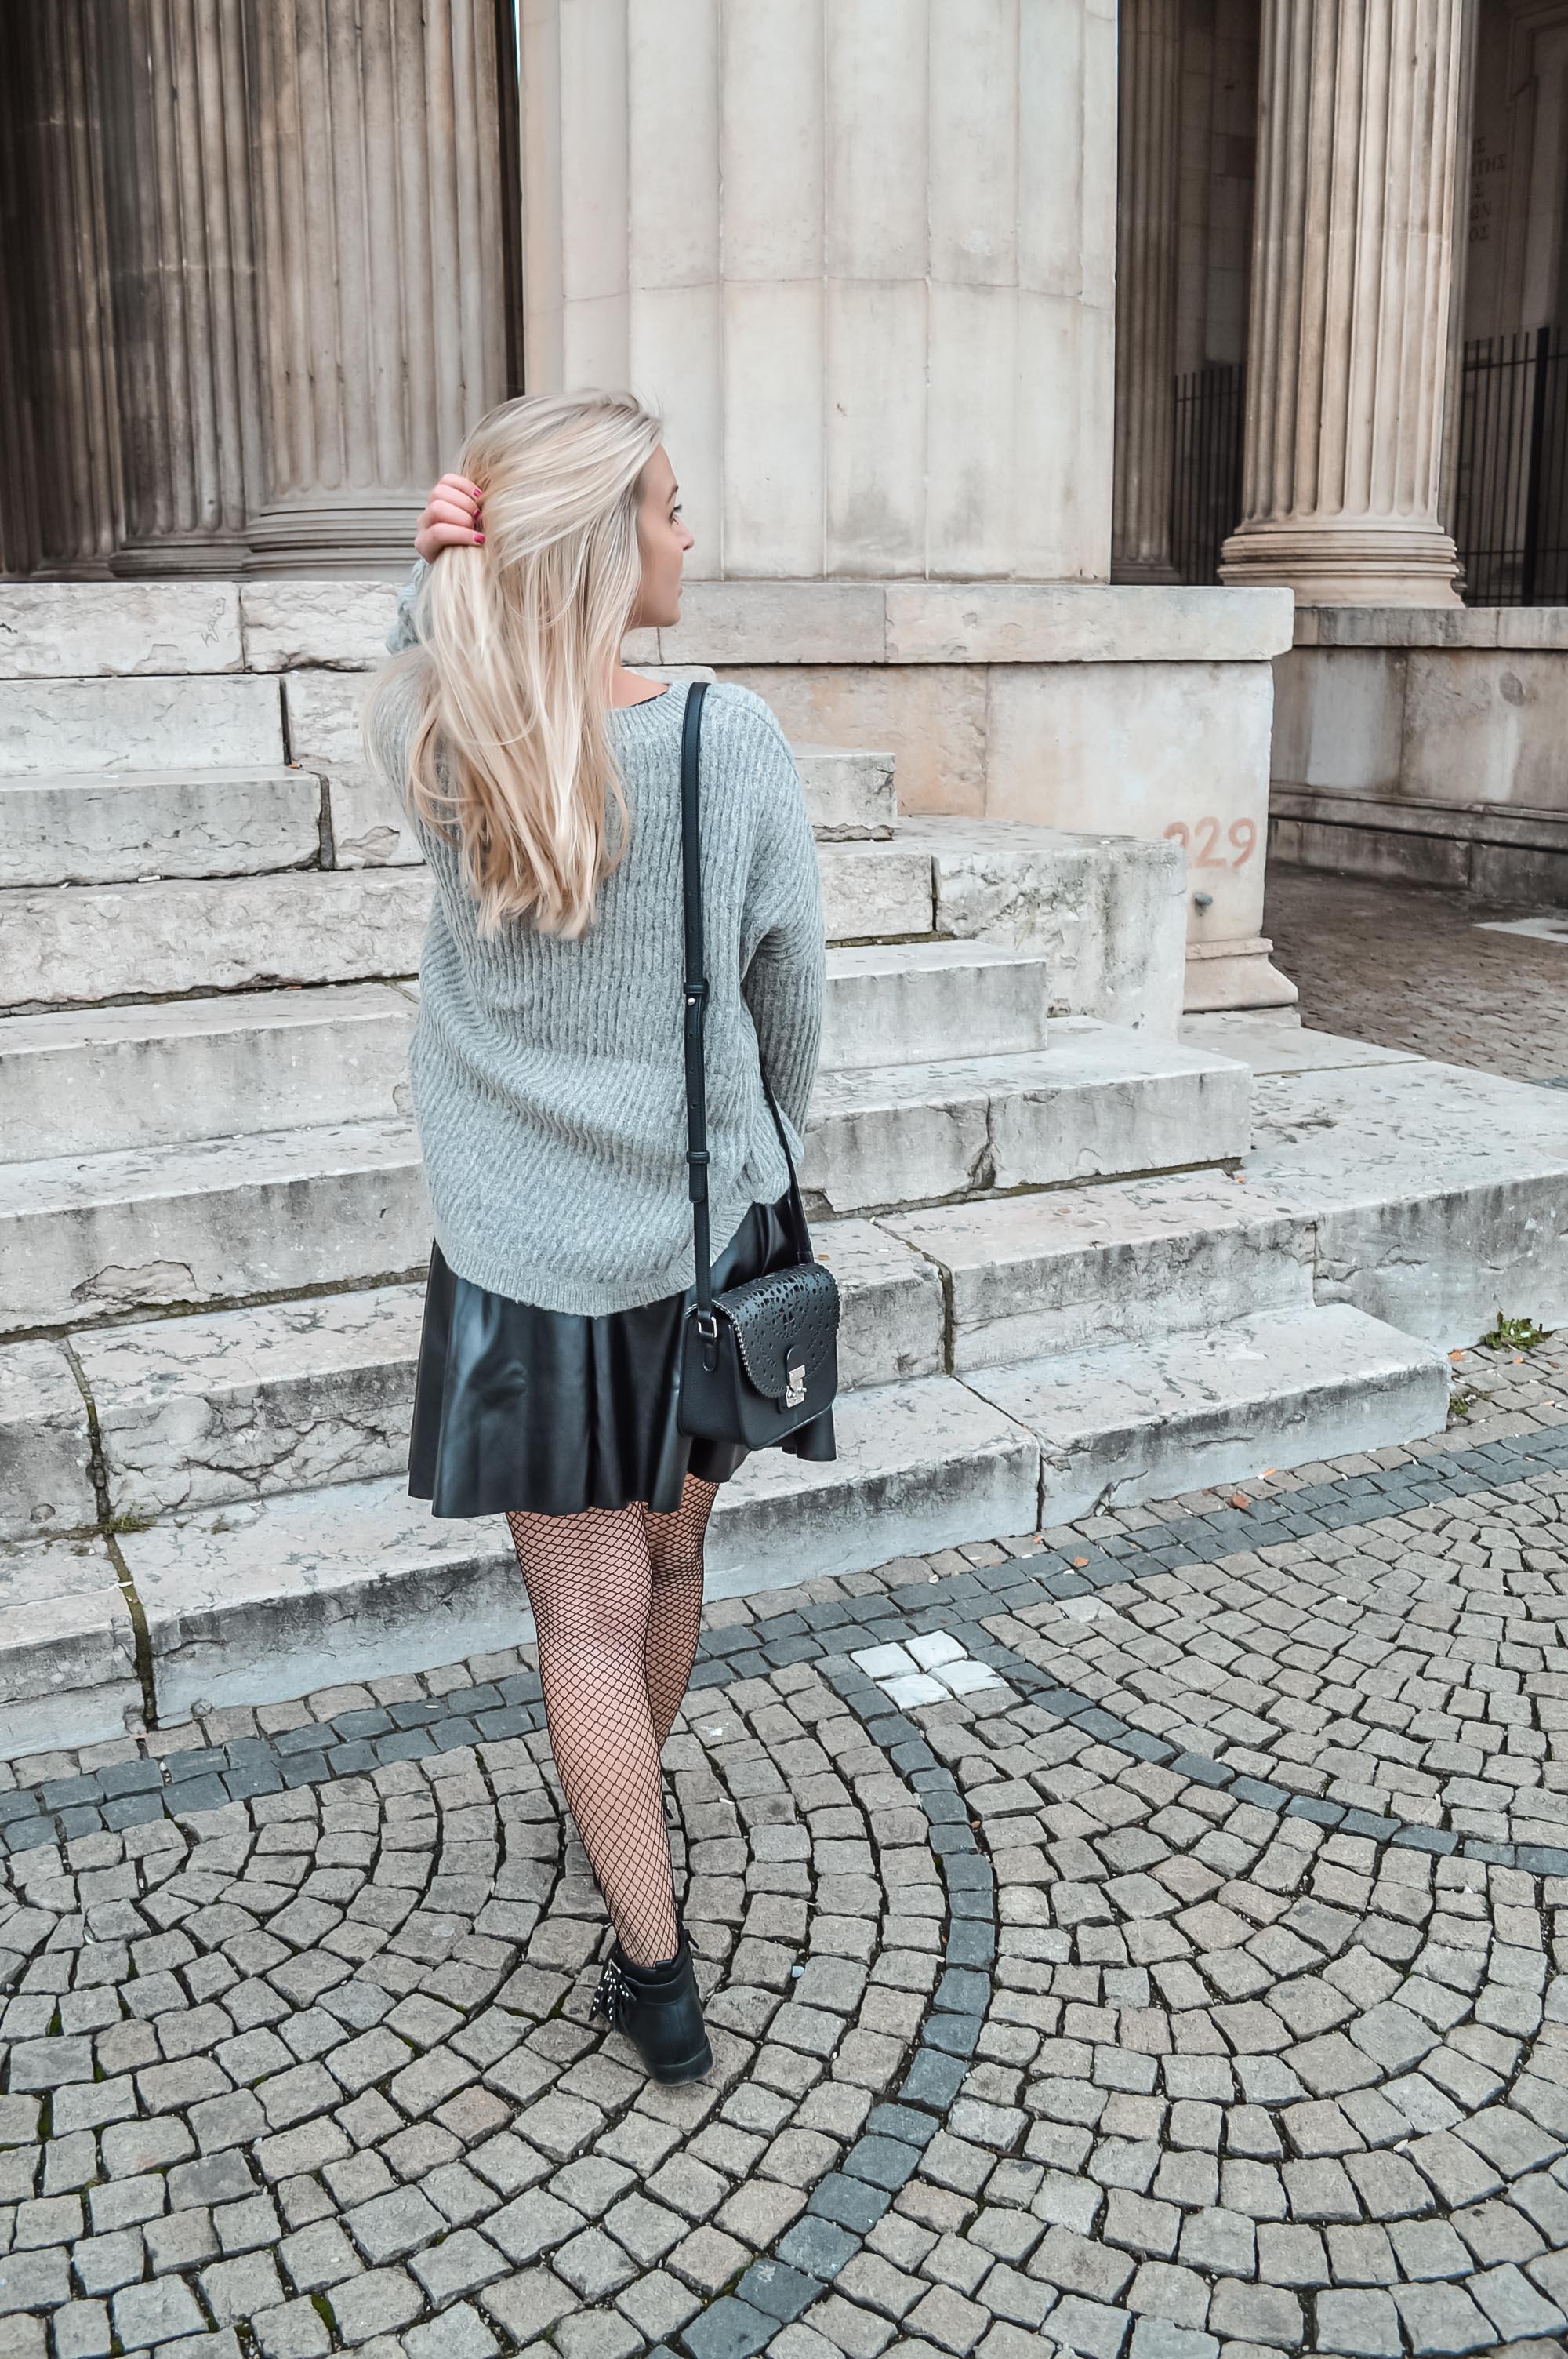 Oversize, Strick, Fashionblog, Modeblog, München, Katefully, Outfit, Lederrock, Rock, Netzstrumpfhose, ootd